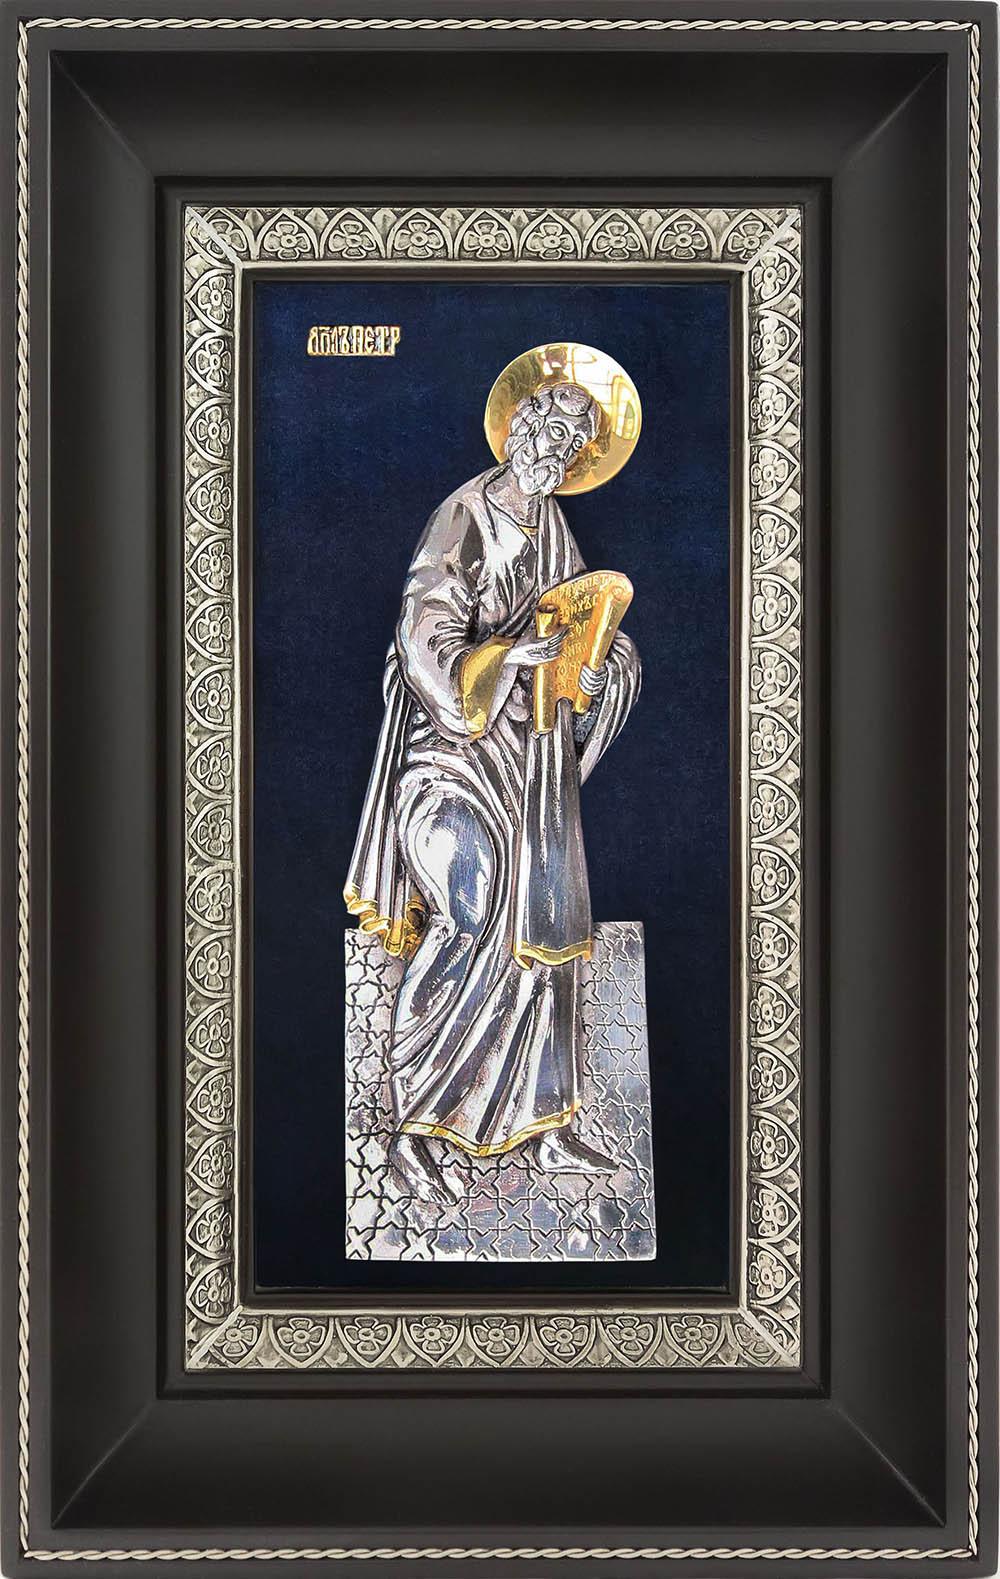 фото икона святого апостола Петра гальванопластика золото серебро